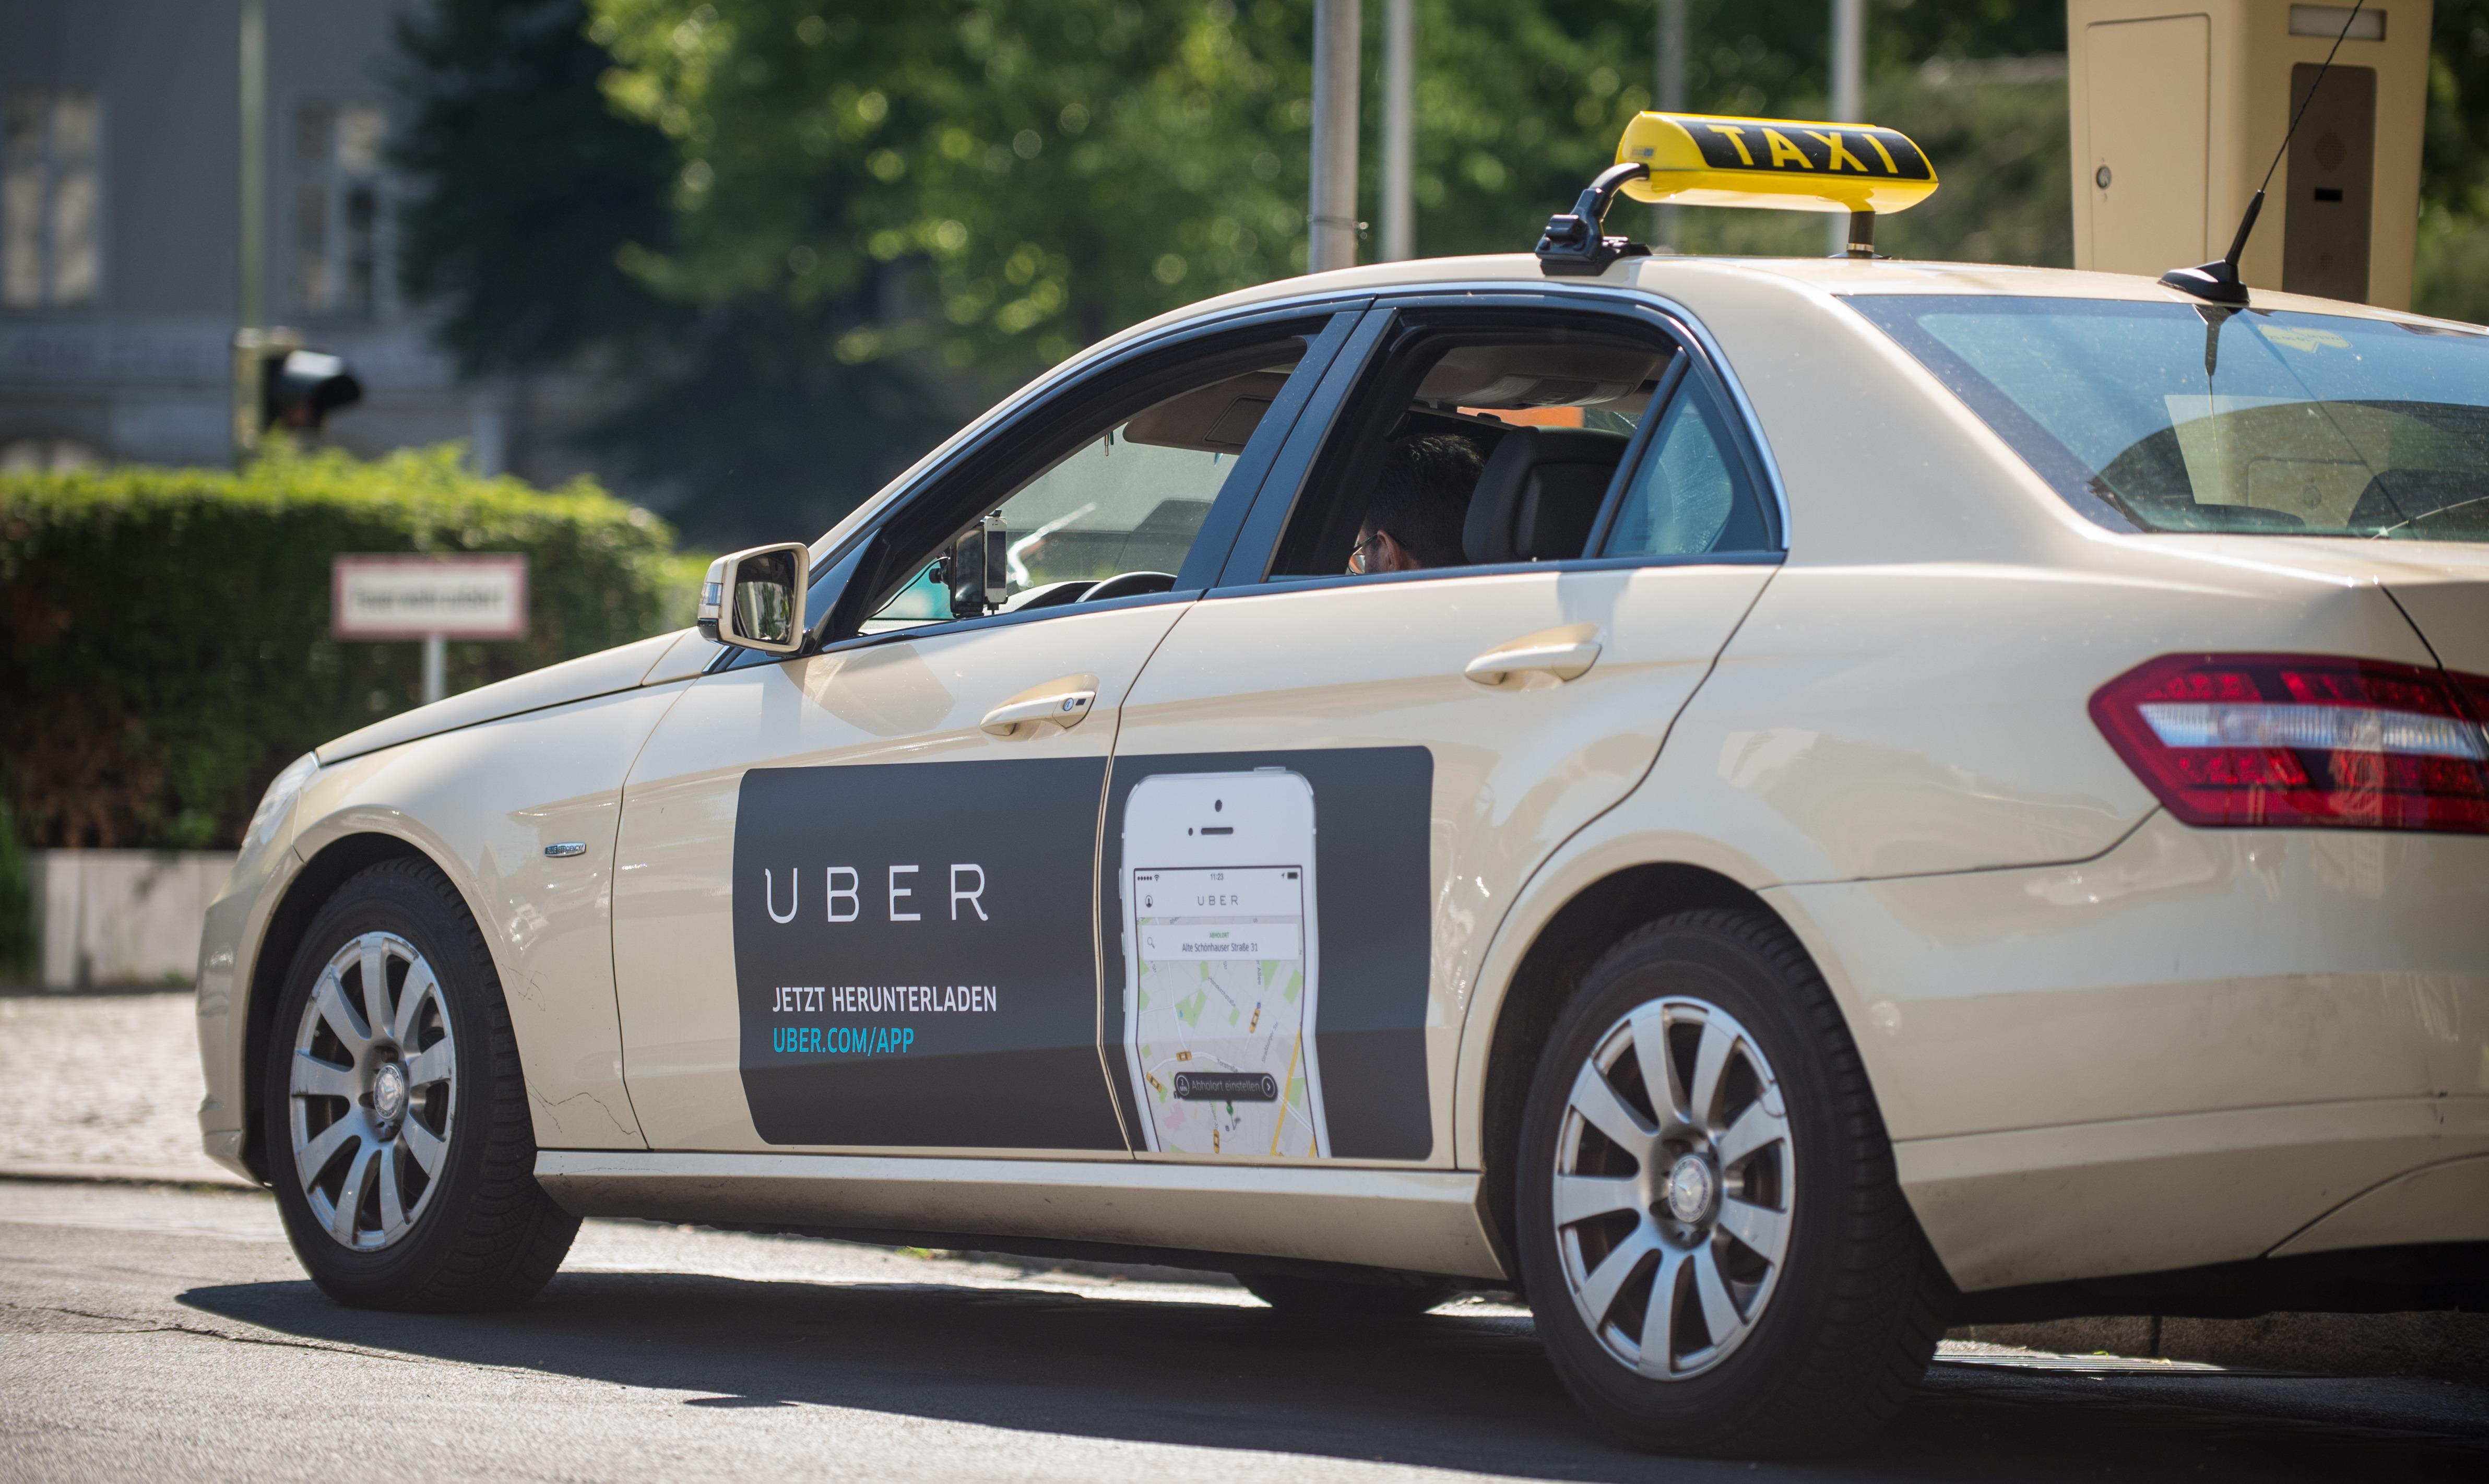 Az Uber üdvözli a kormány álláspontját